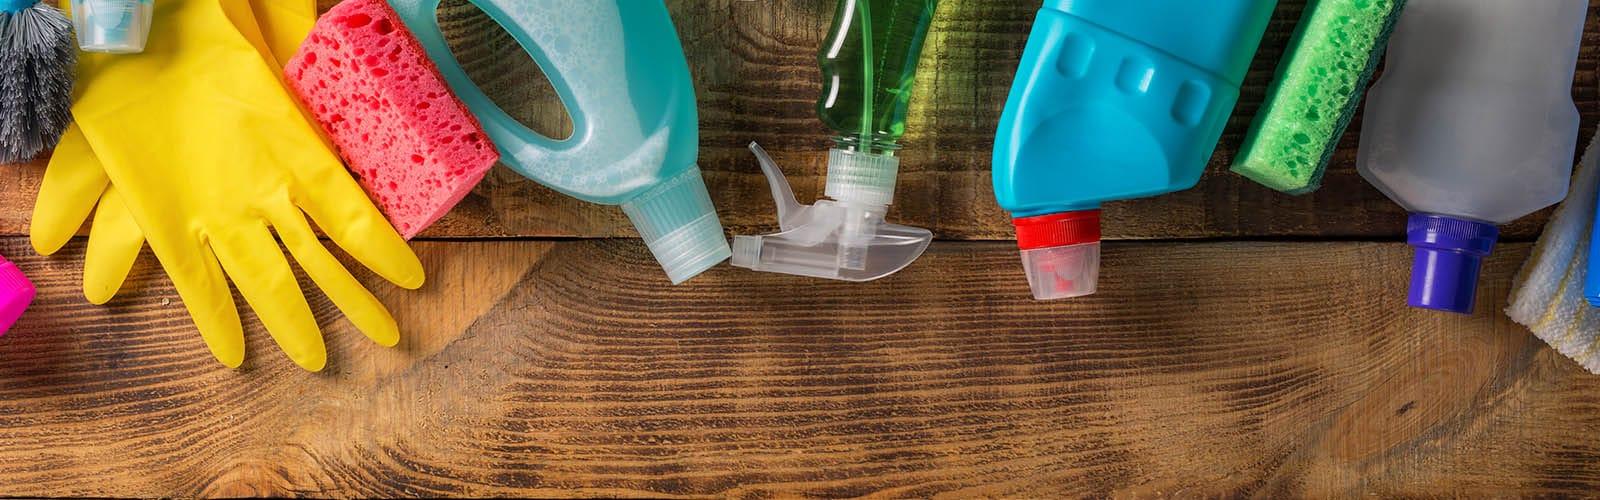 facilitair-groothandel-schoonmaak-producten